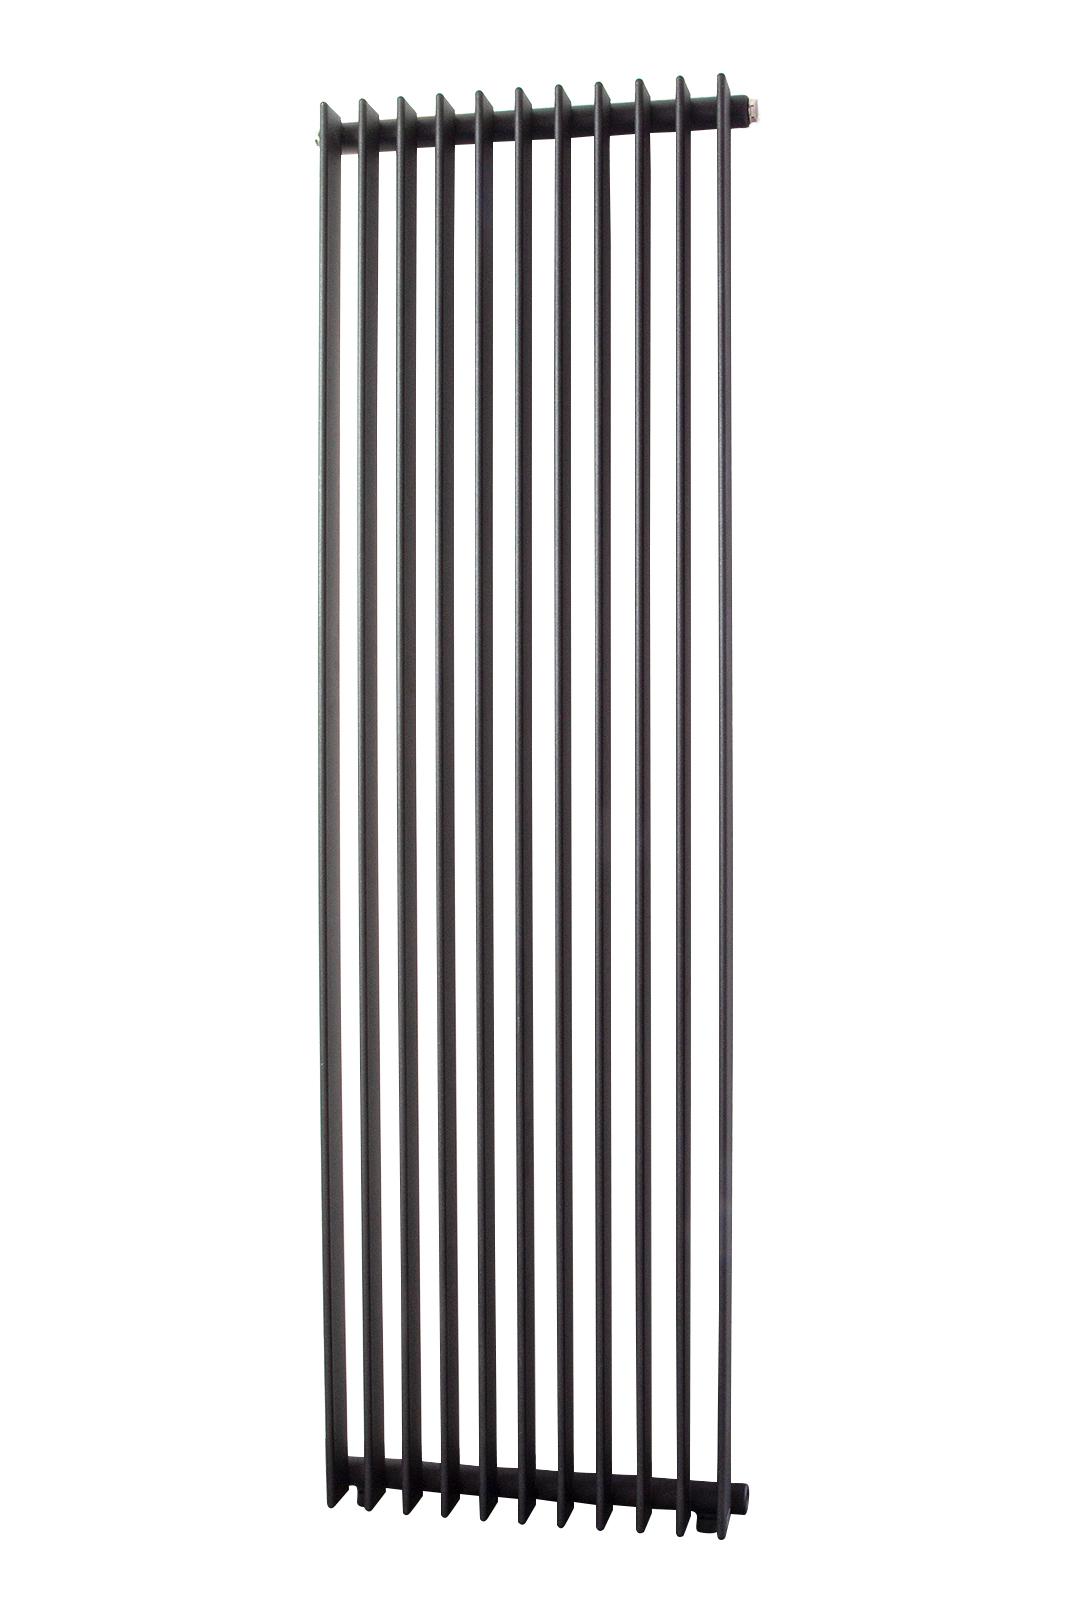 Full Size of Vasco Heizkörper Designer Heizung Heizkrper 161x51cm Vrv1 T1 Sonderangebot Für Bad Elektroheizkörper Wohnzimmer Badezimmer Wohnzimmer Vasco Heizkörper